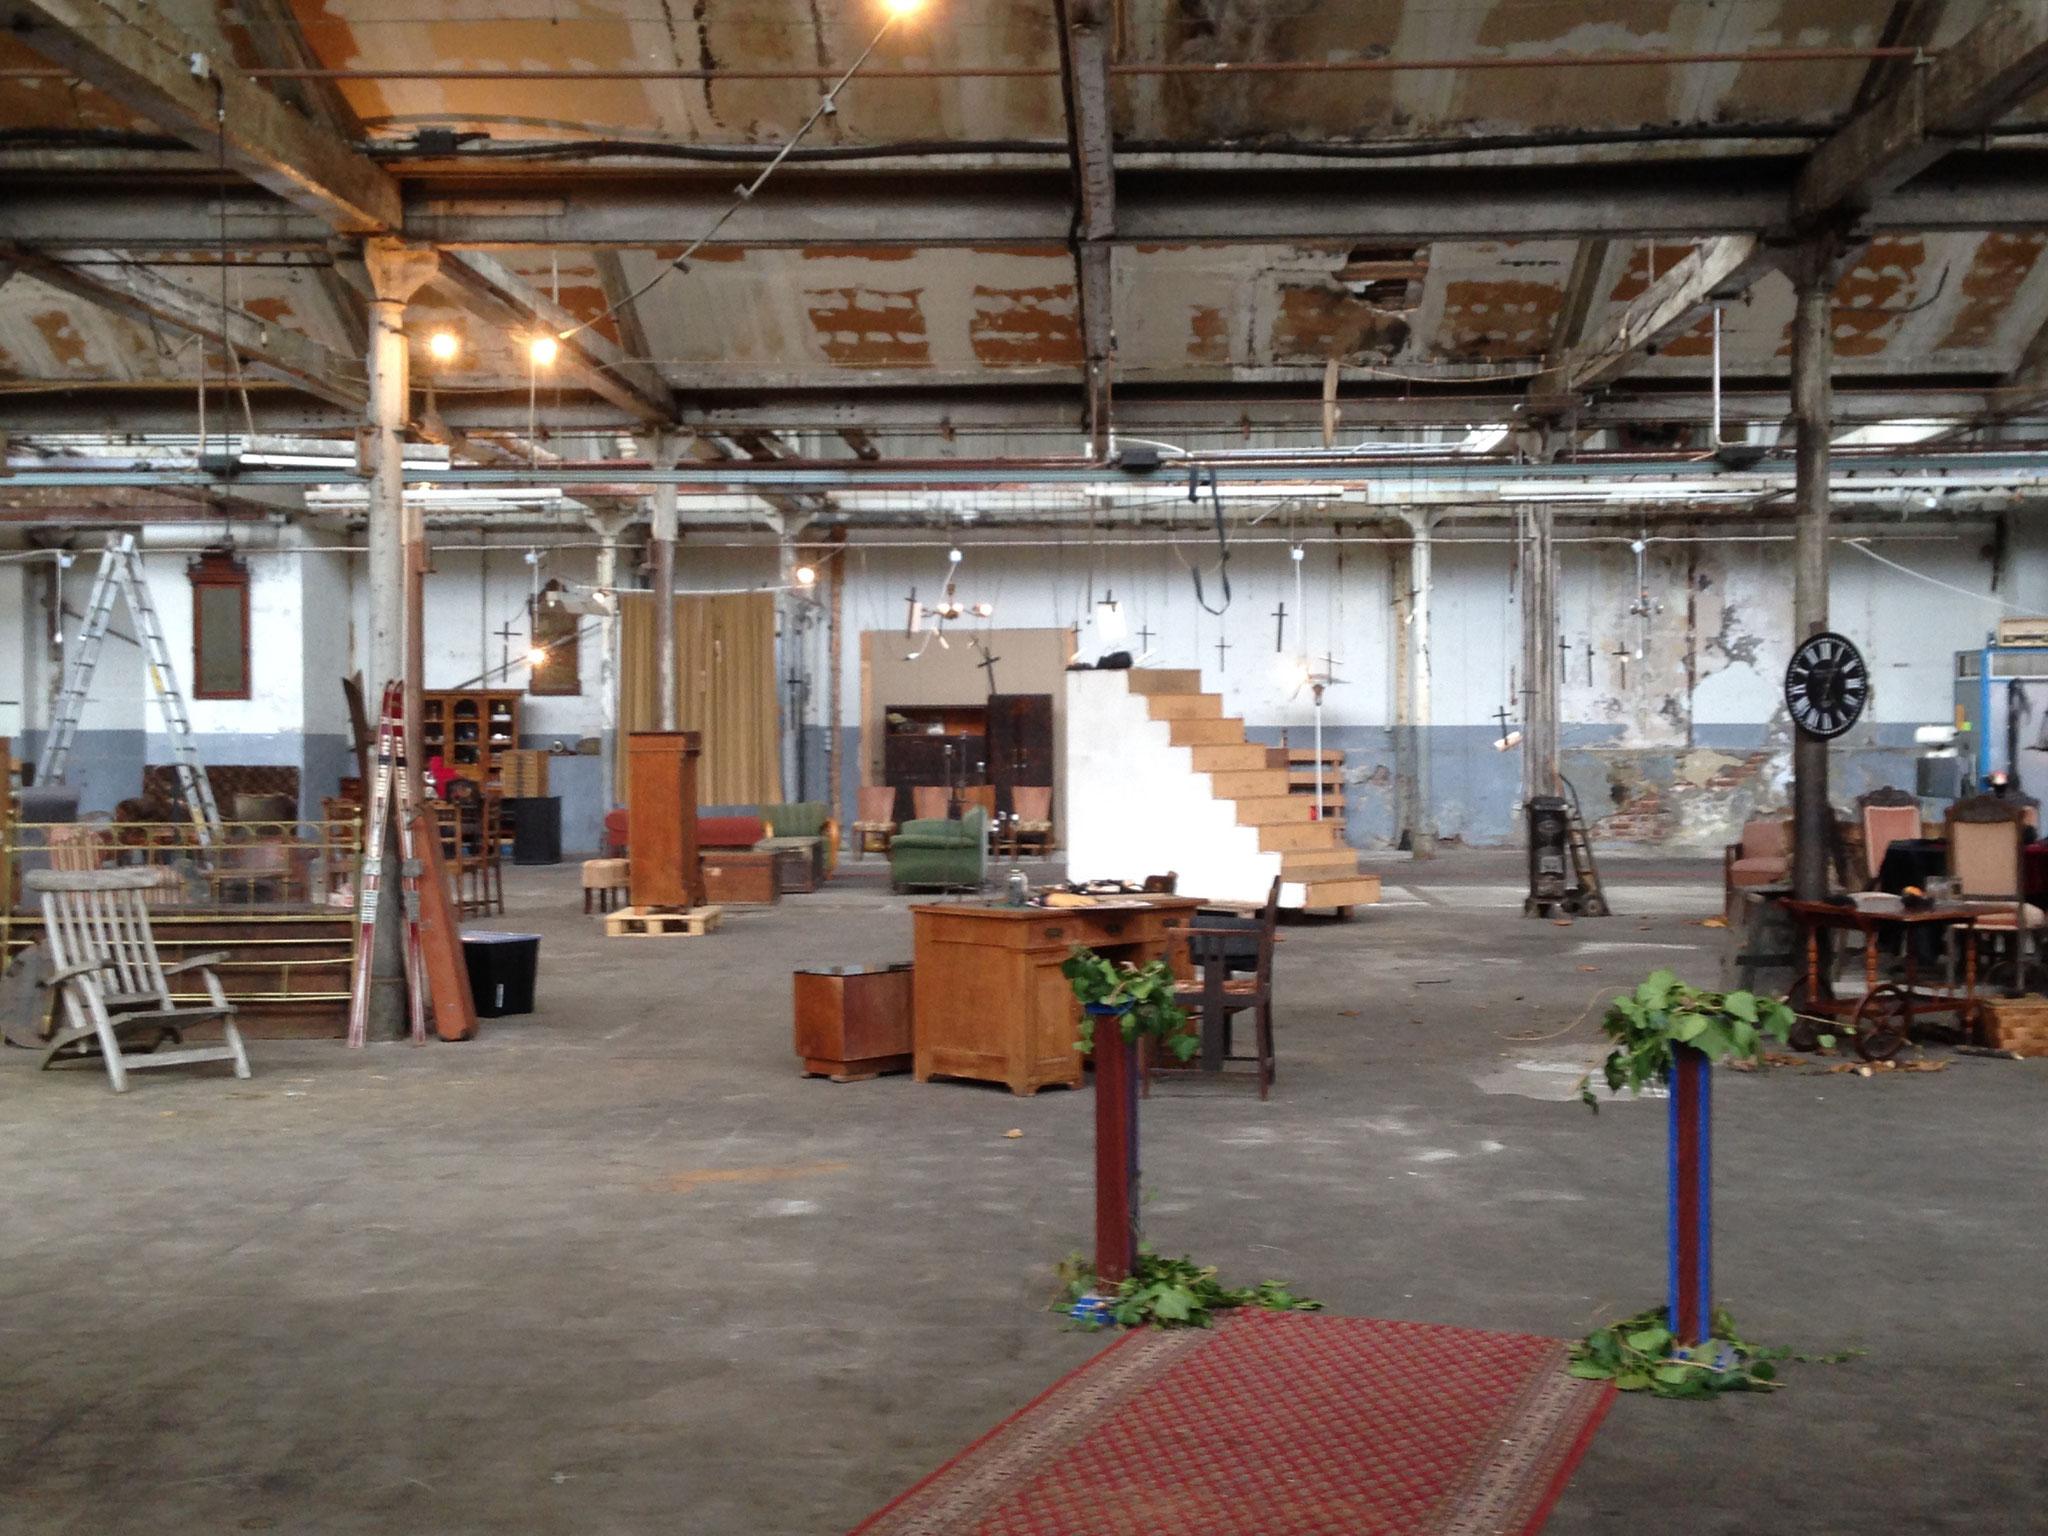 Seit 2017 ist die Kastellan-Fabrik eine wunderbare und ausgefallene Übernachtungsmöglichkeit in Wuppertal.